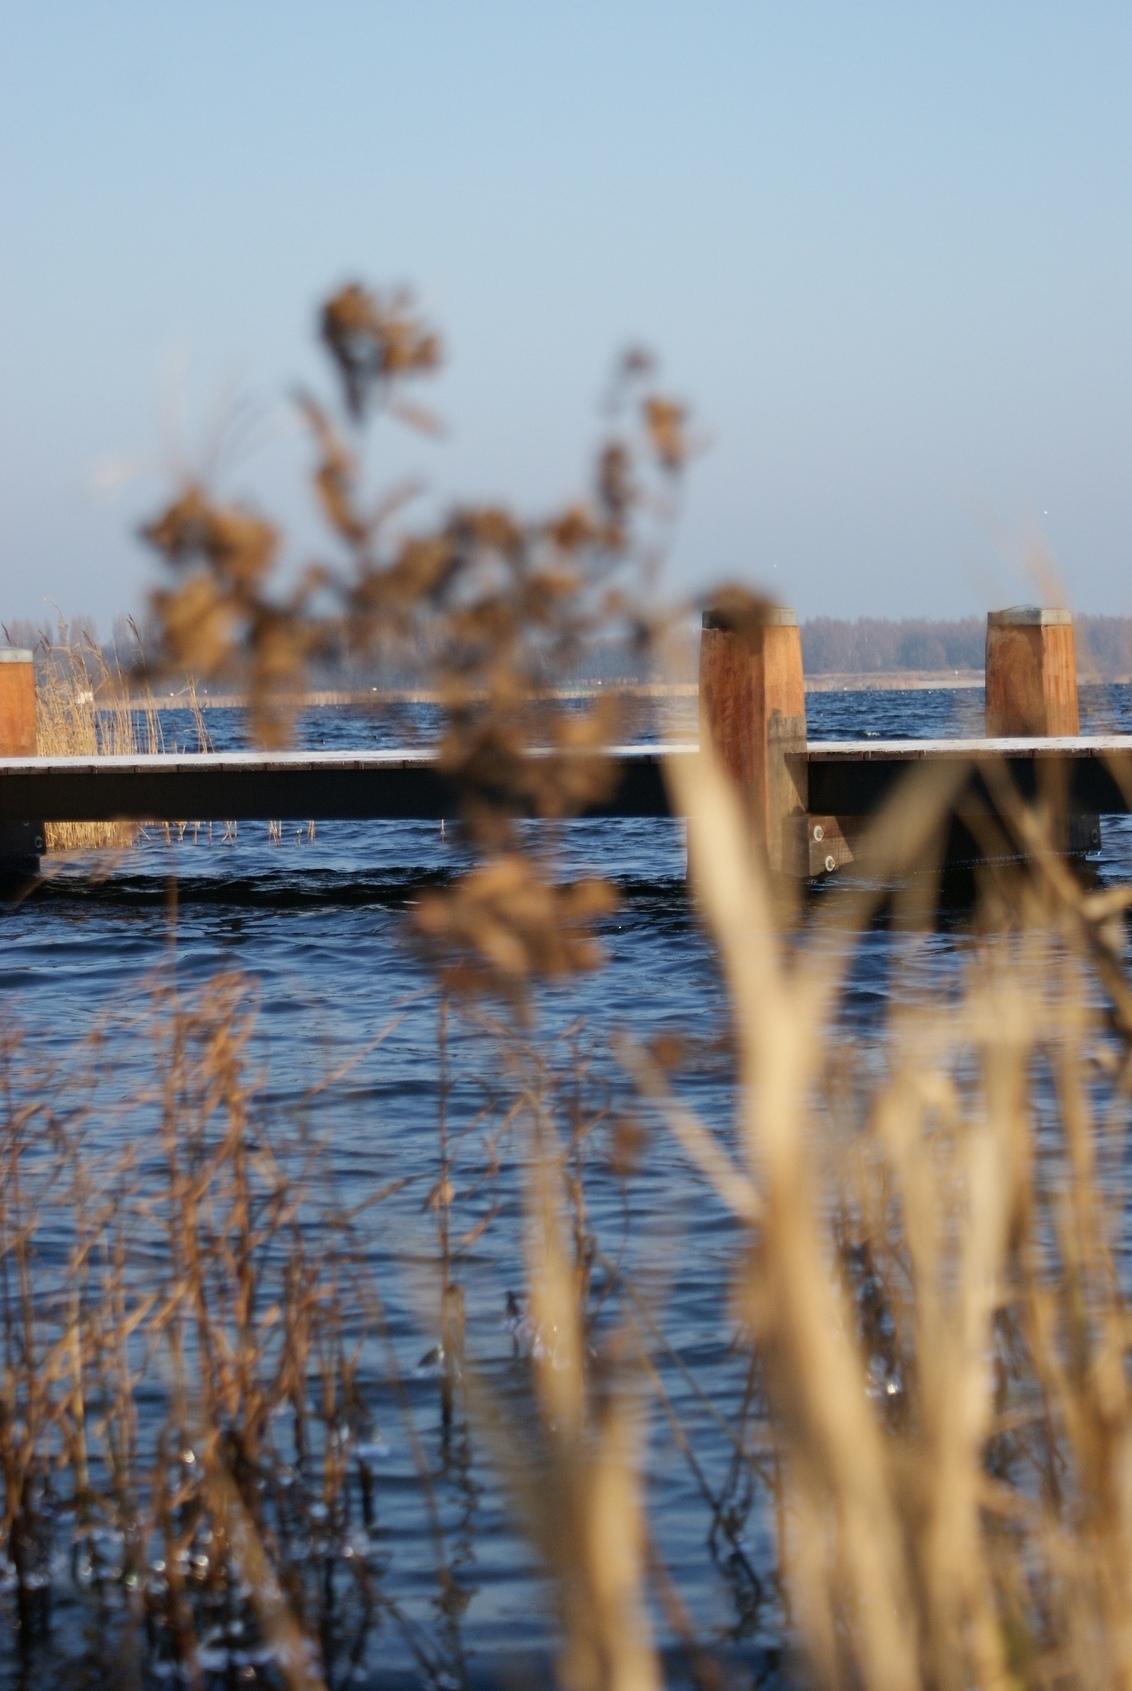 Nature 5 - Dit is een serie over de natuur in Noord-Holland.Fraai landschap vastgelegd met briljante opnames. Ijzige middag samen met Erik (Kire op Zoom).  Ser - foto door maarten1971 op 31-12-2008 - deze foto bevat: do, kou, sony, ijzig, alpha, oostzaan, twiske